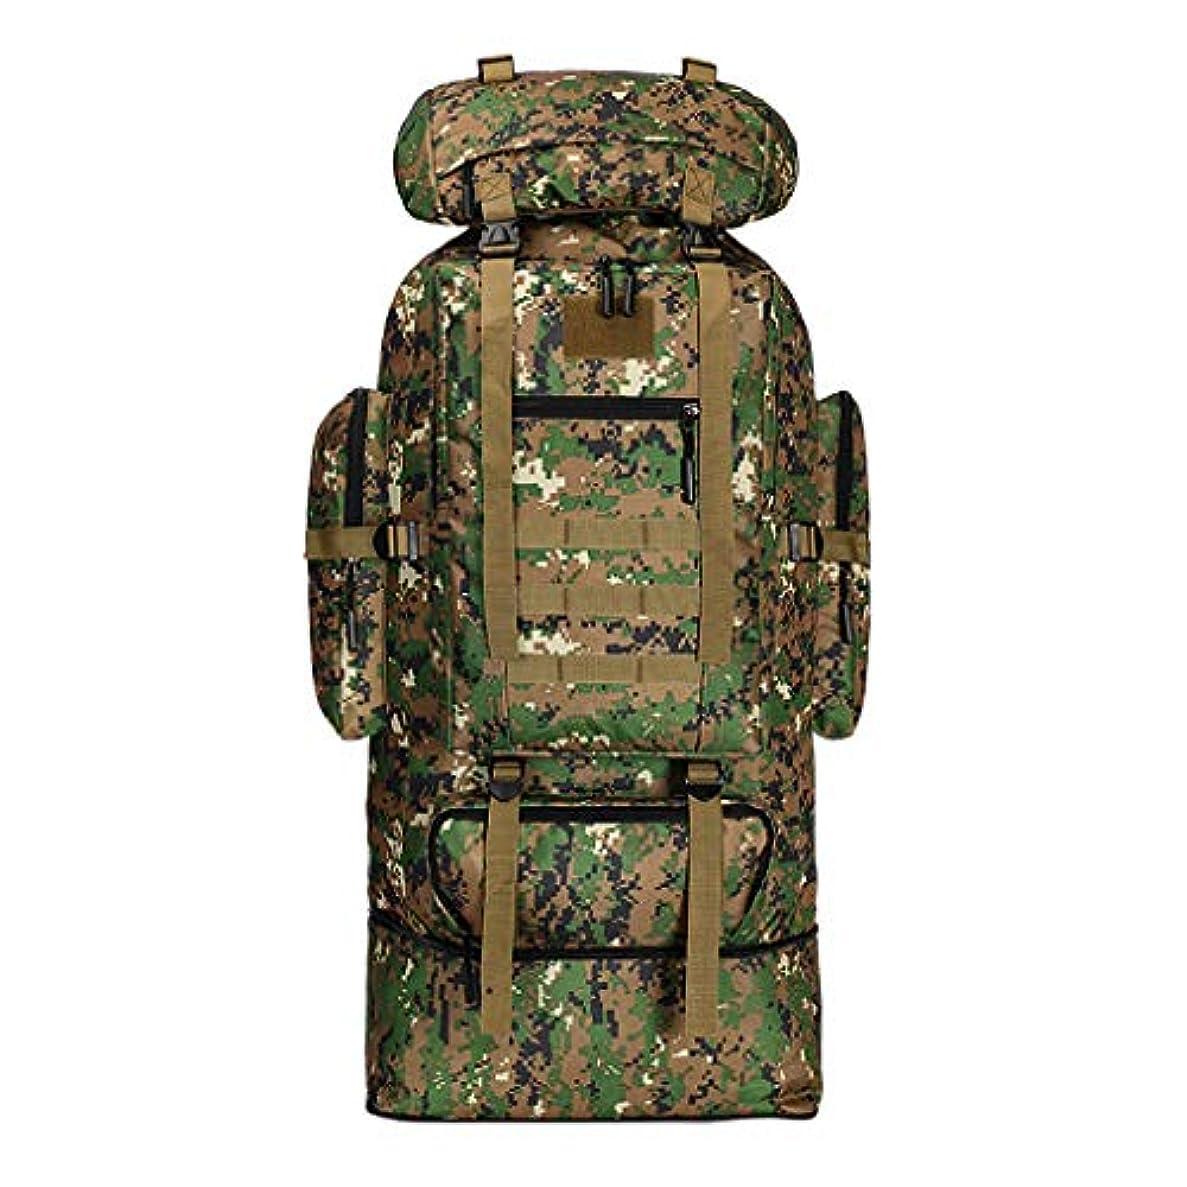 スラム通知カーフ大容量100Lバックパック迷彩印刷屋外バッグ旅行登山バッグ収納防水おしゃれバックパック人気バックパック大容量 人気バックパック